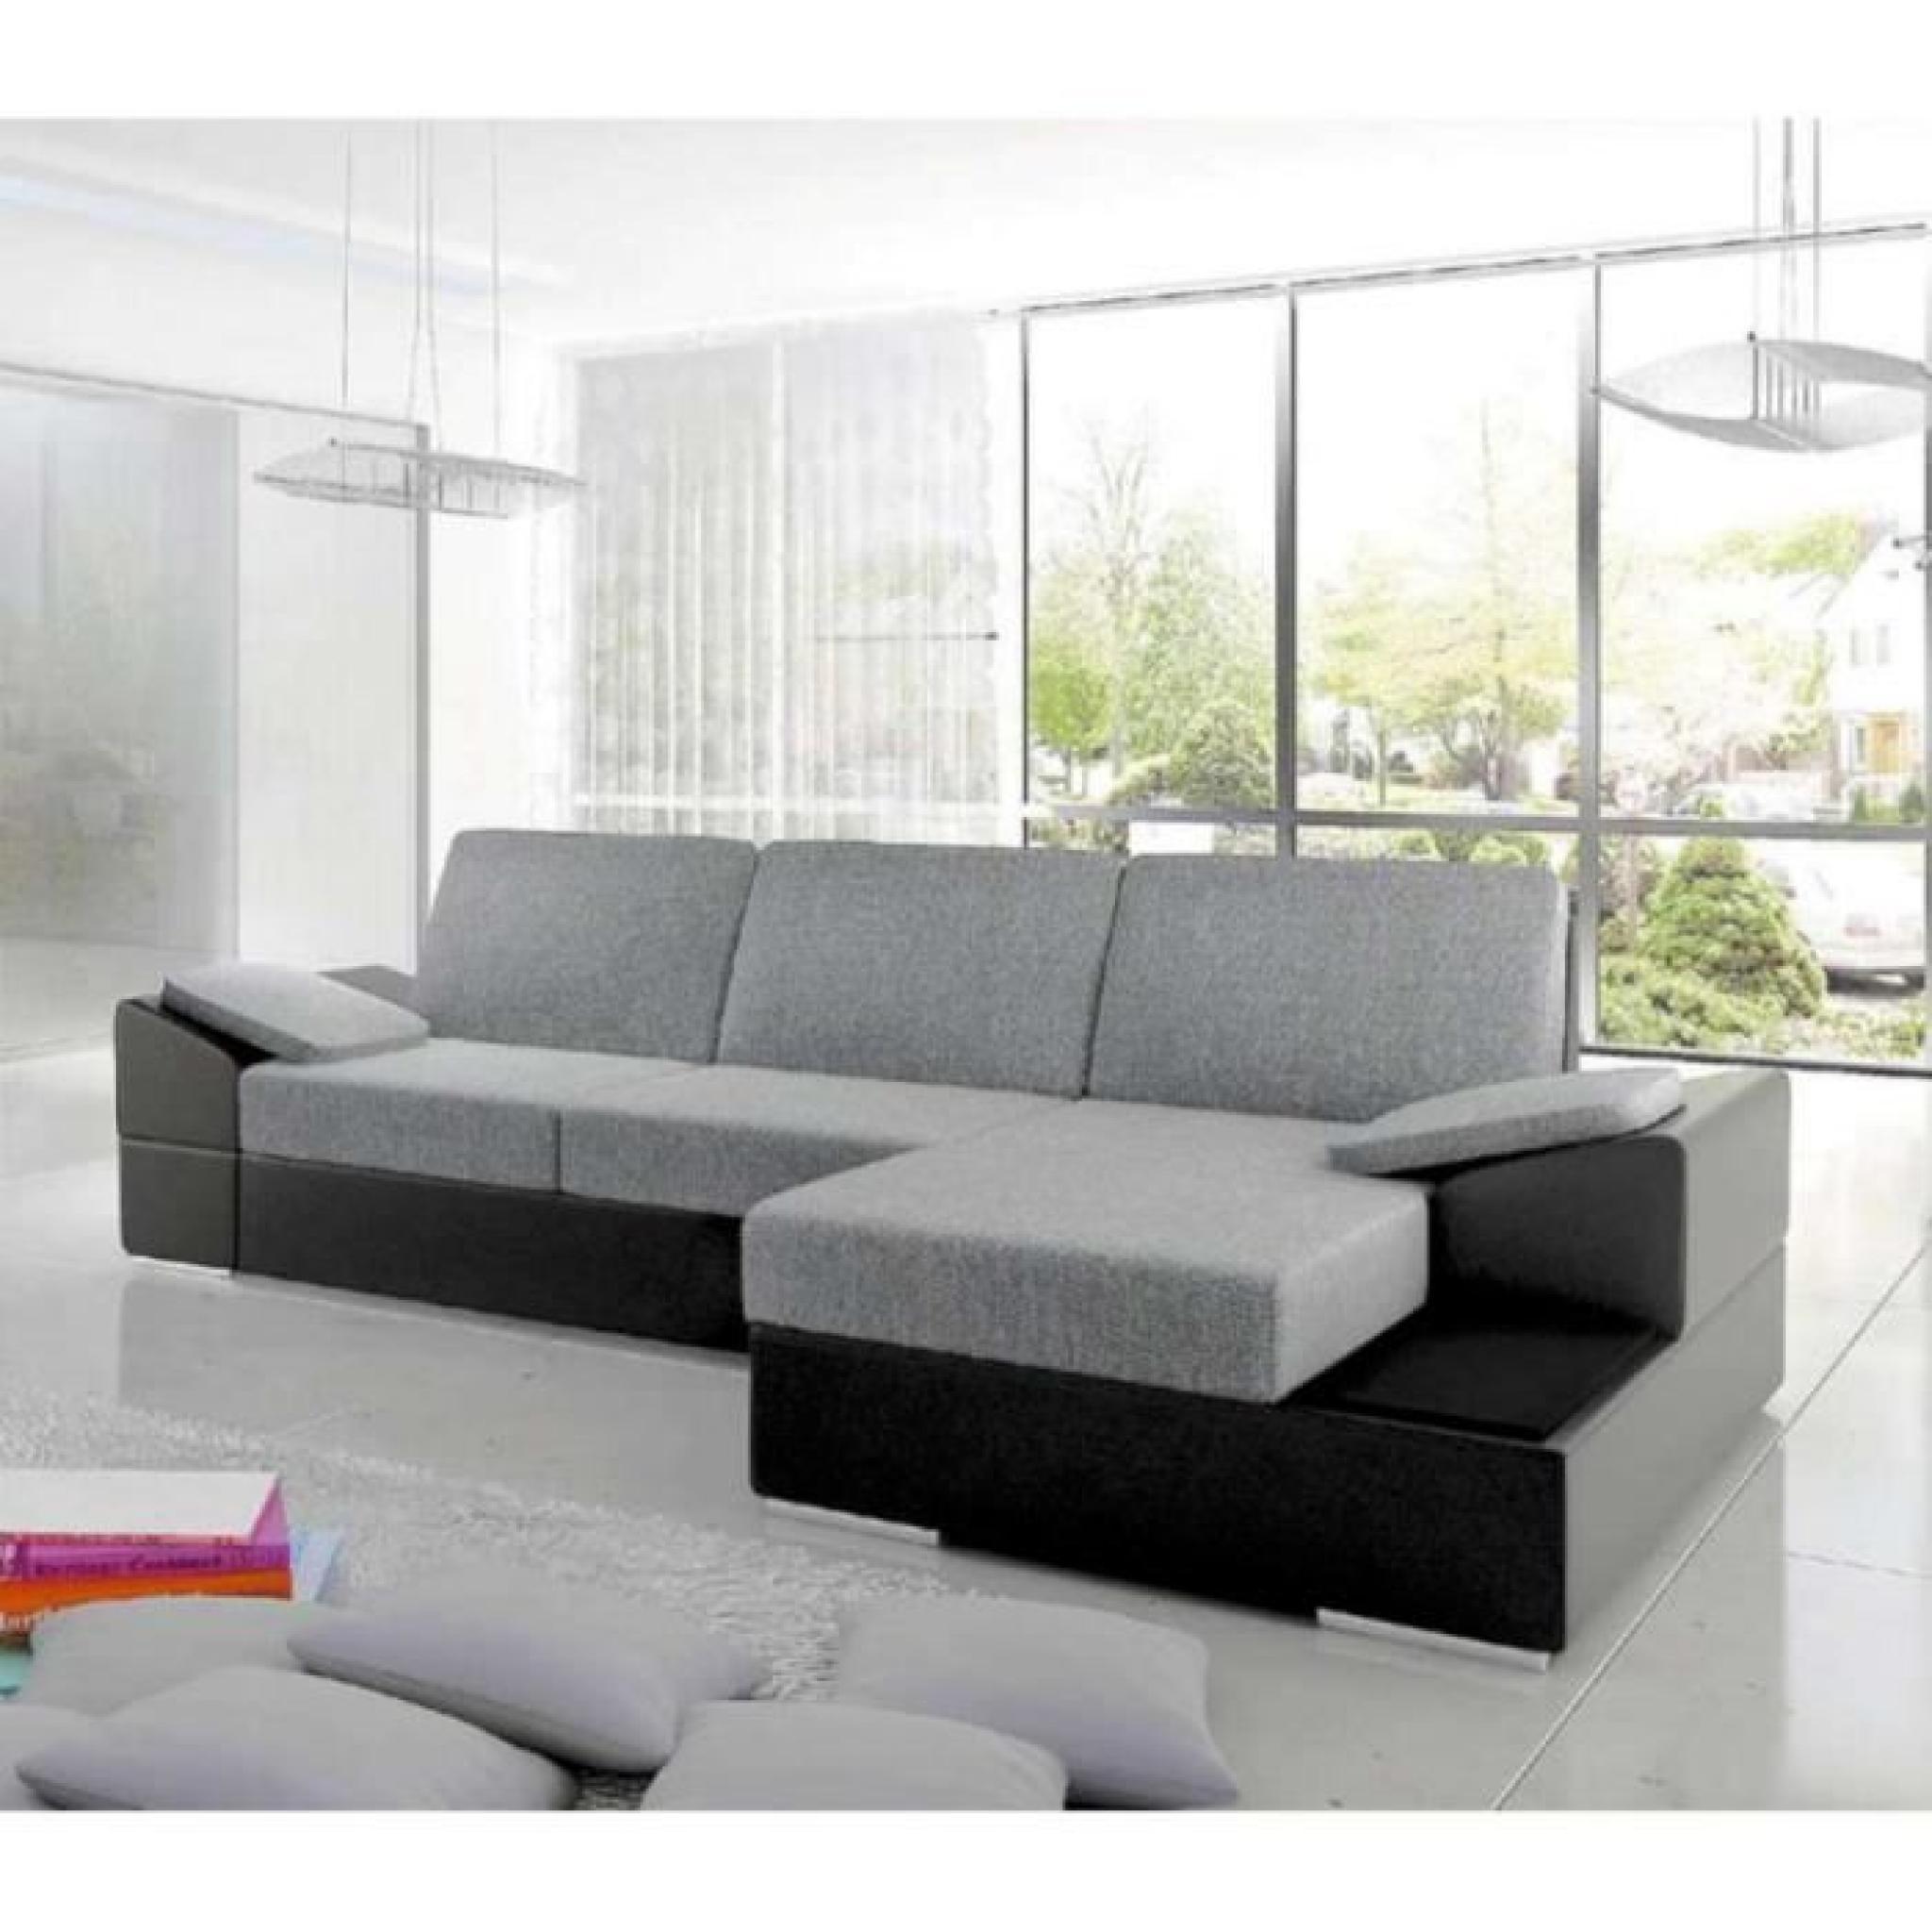 Canapé d'angle daim